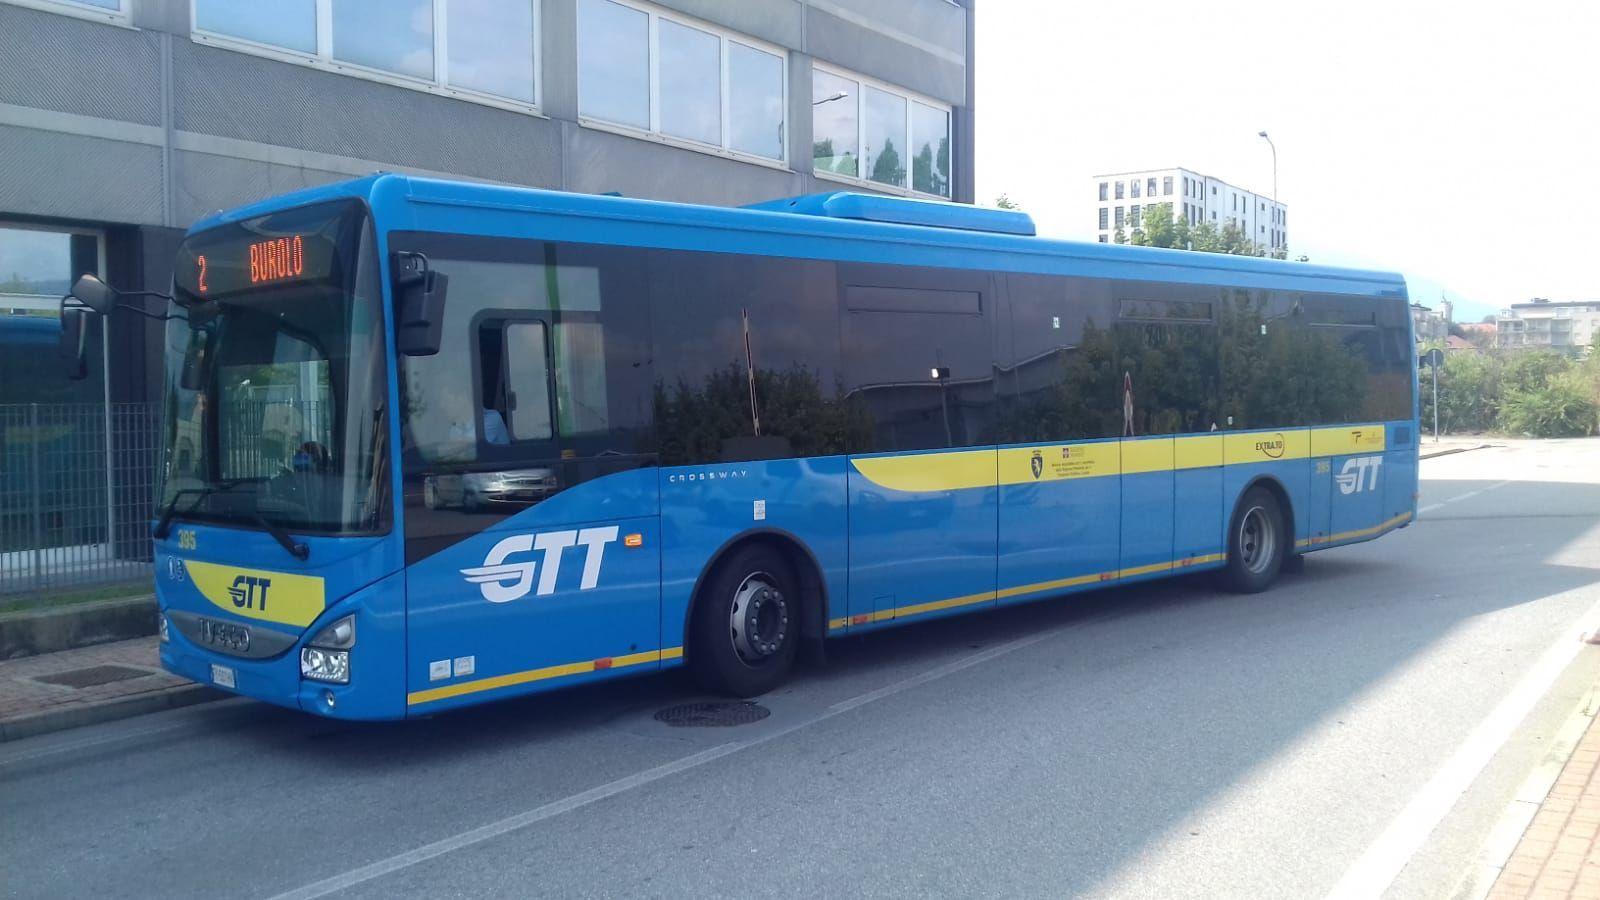 TORINO E CANAVESE - Sciopero treni e bus: venerdì 17 probabili disagi per pendolari e studenti